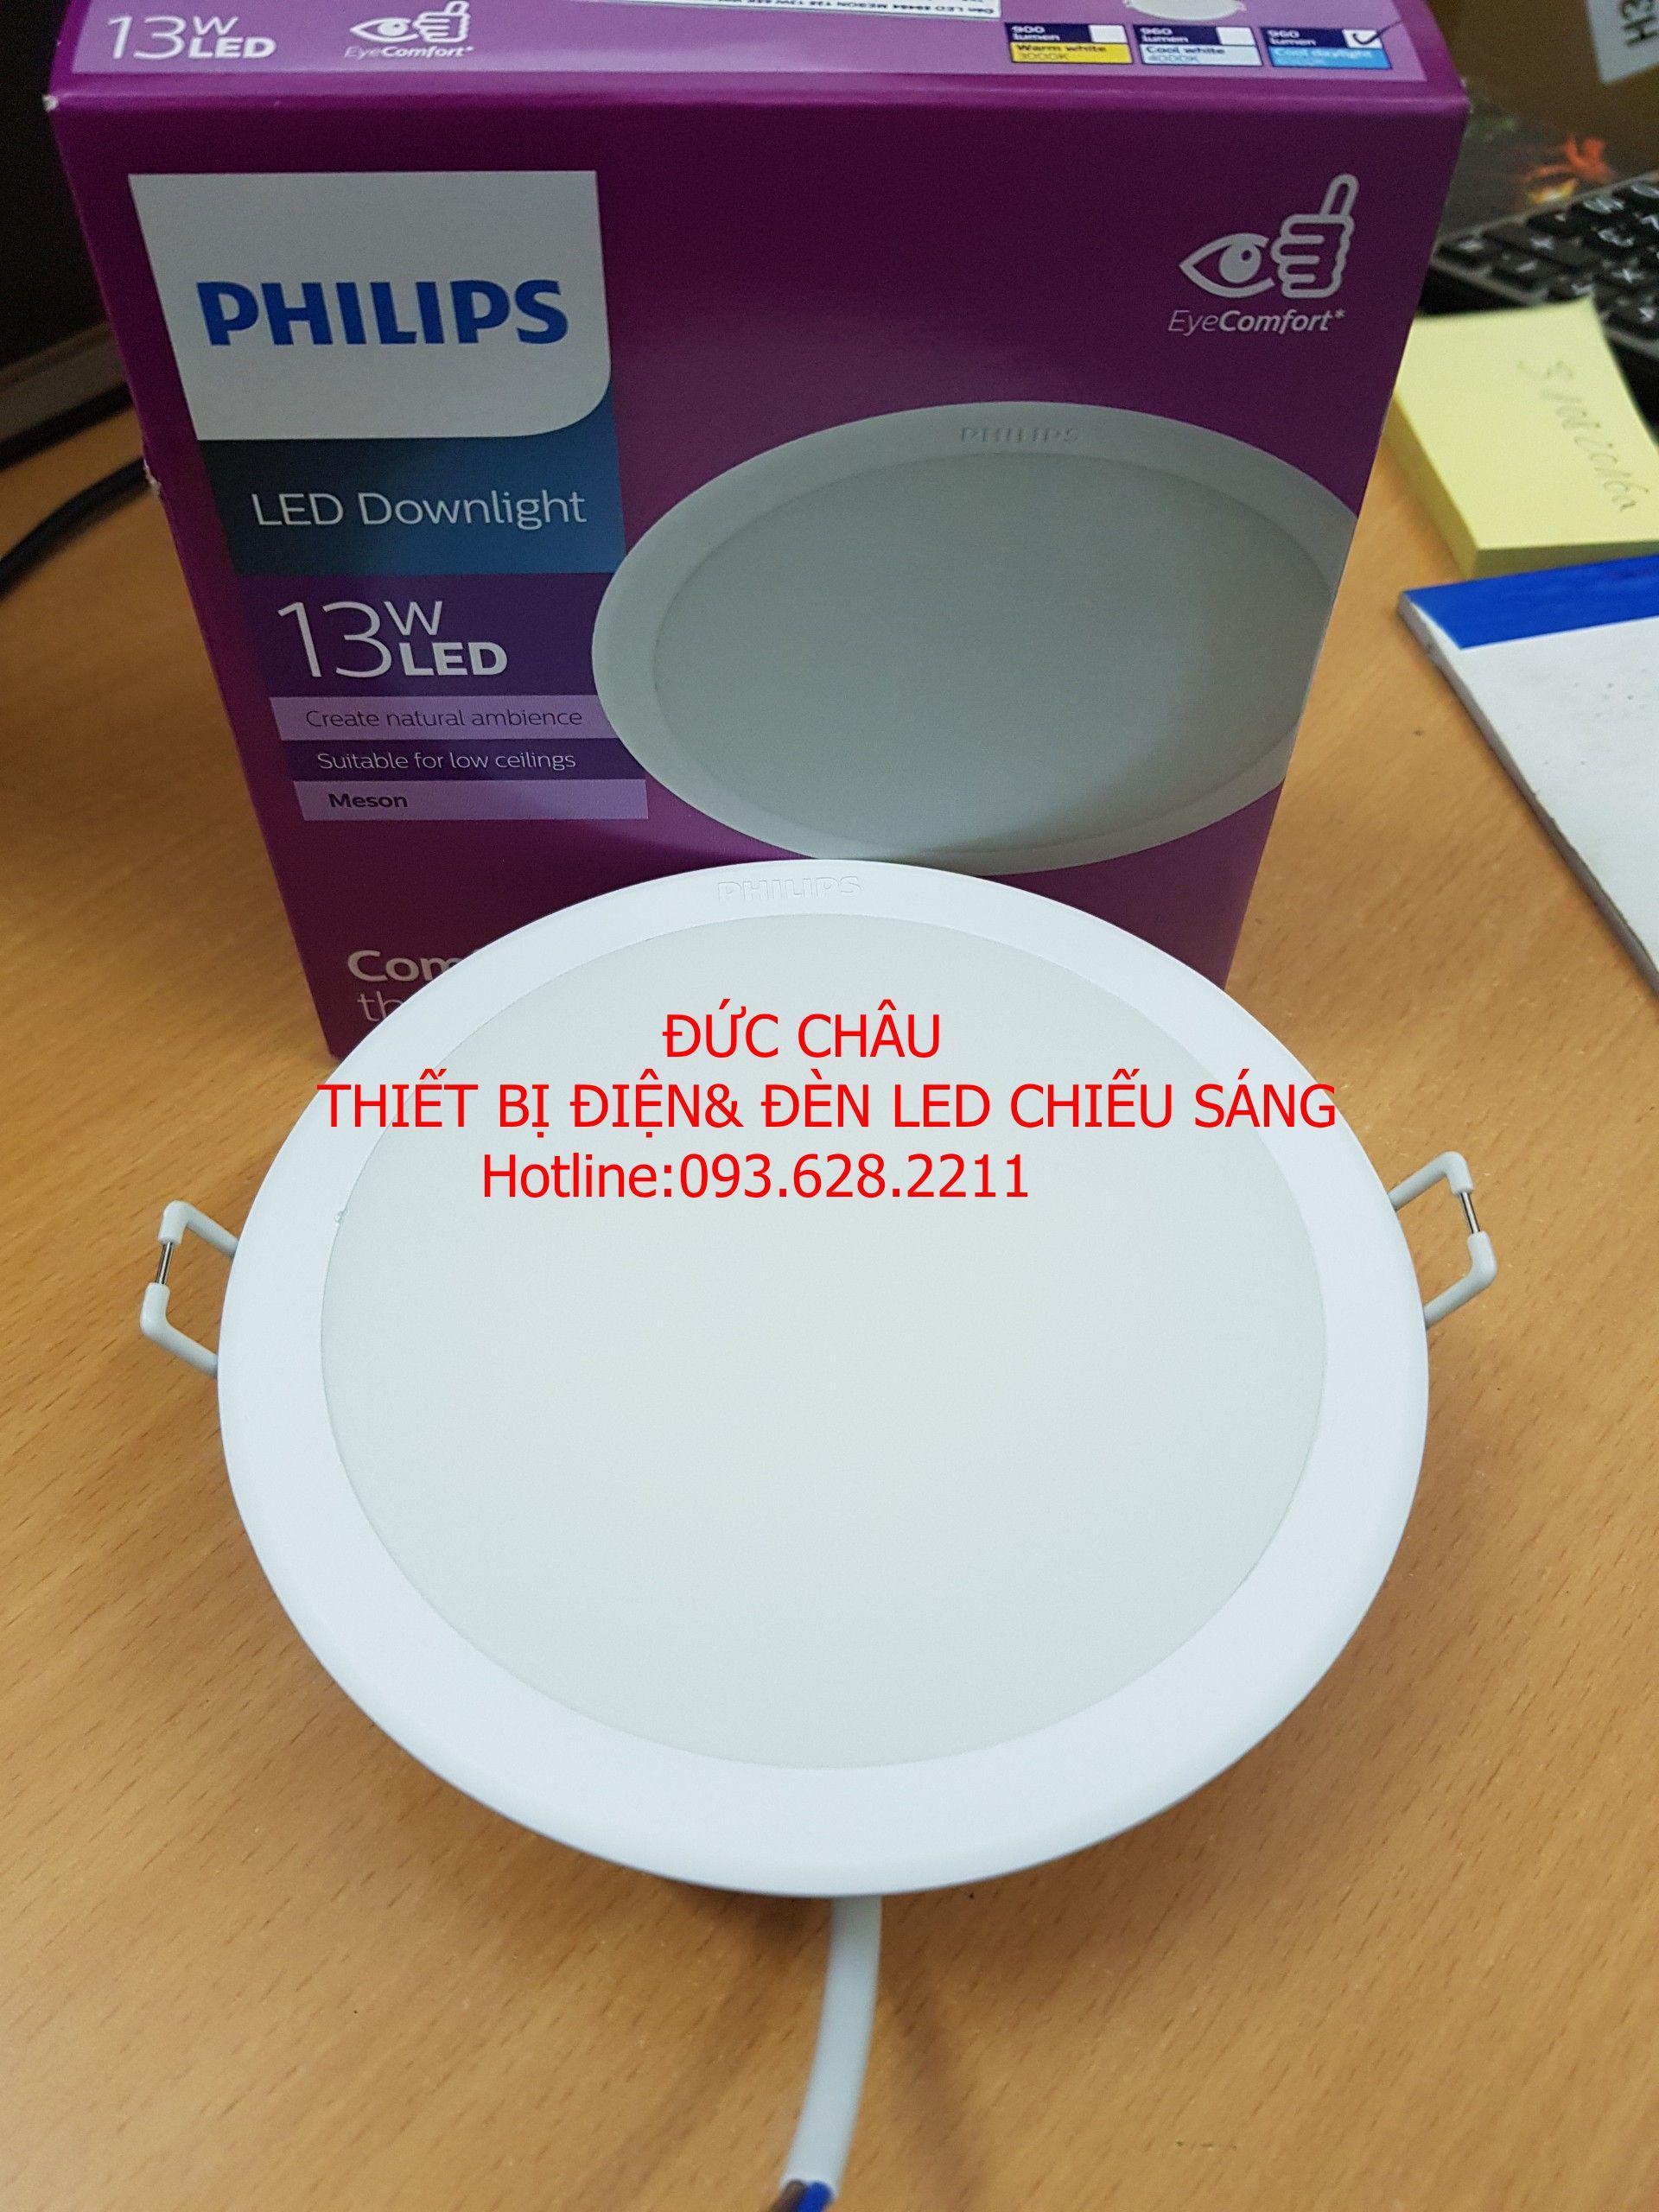 Mã Khuyến Mãi Đèn Led Philips 13w âm Trần